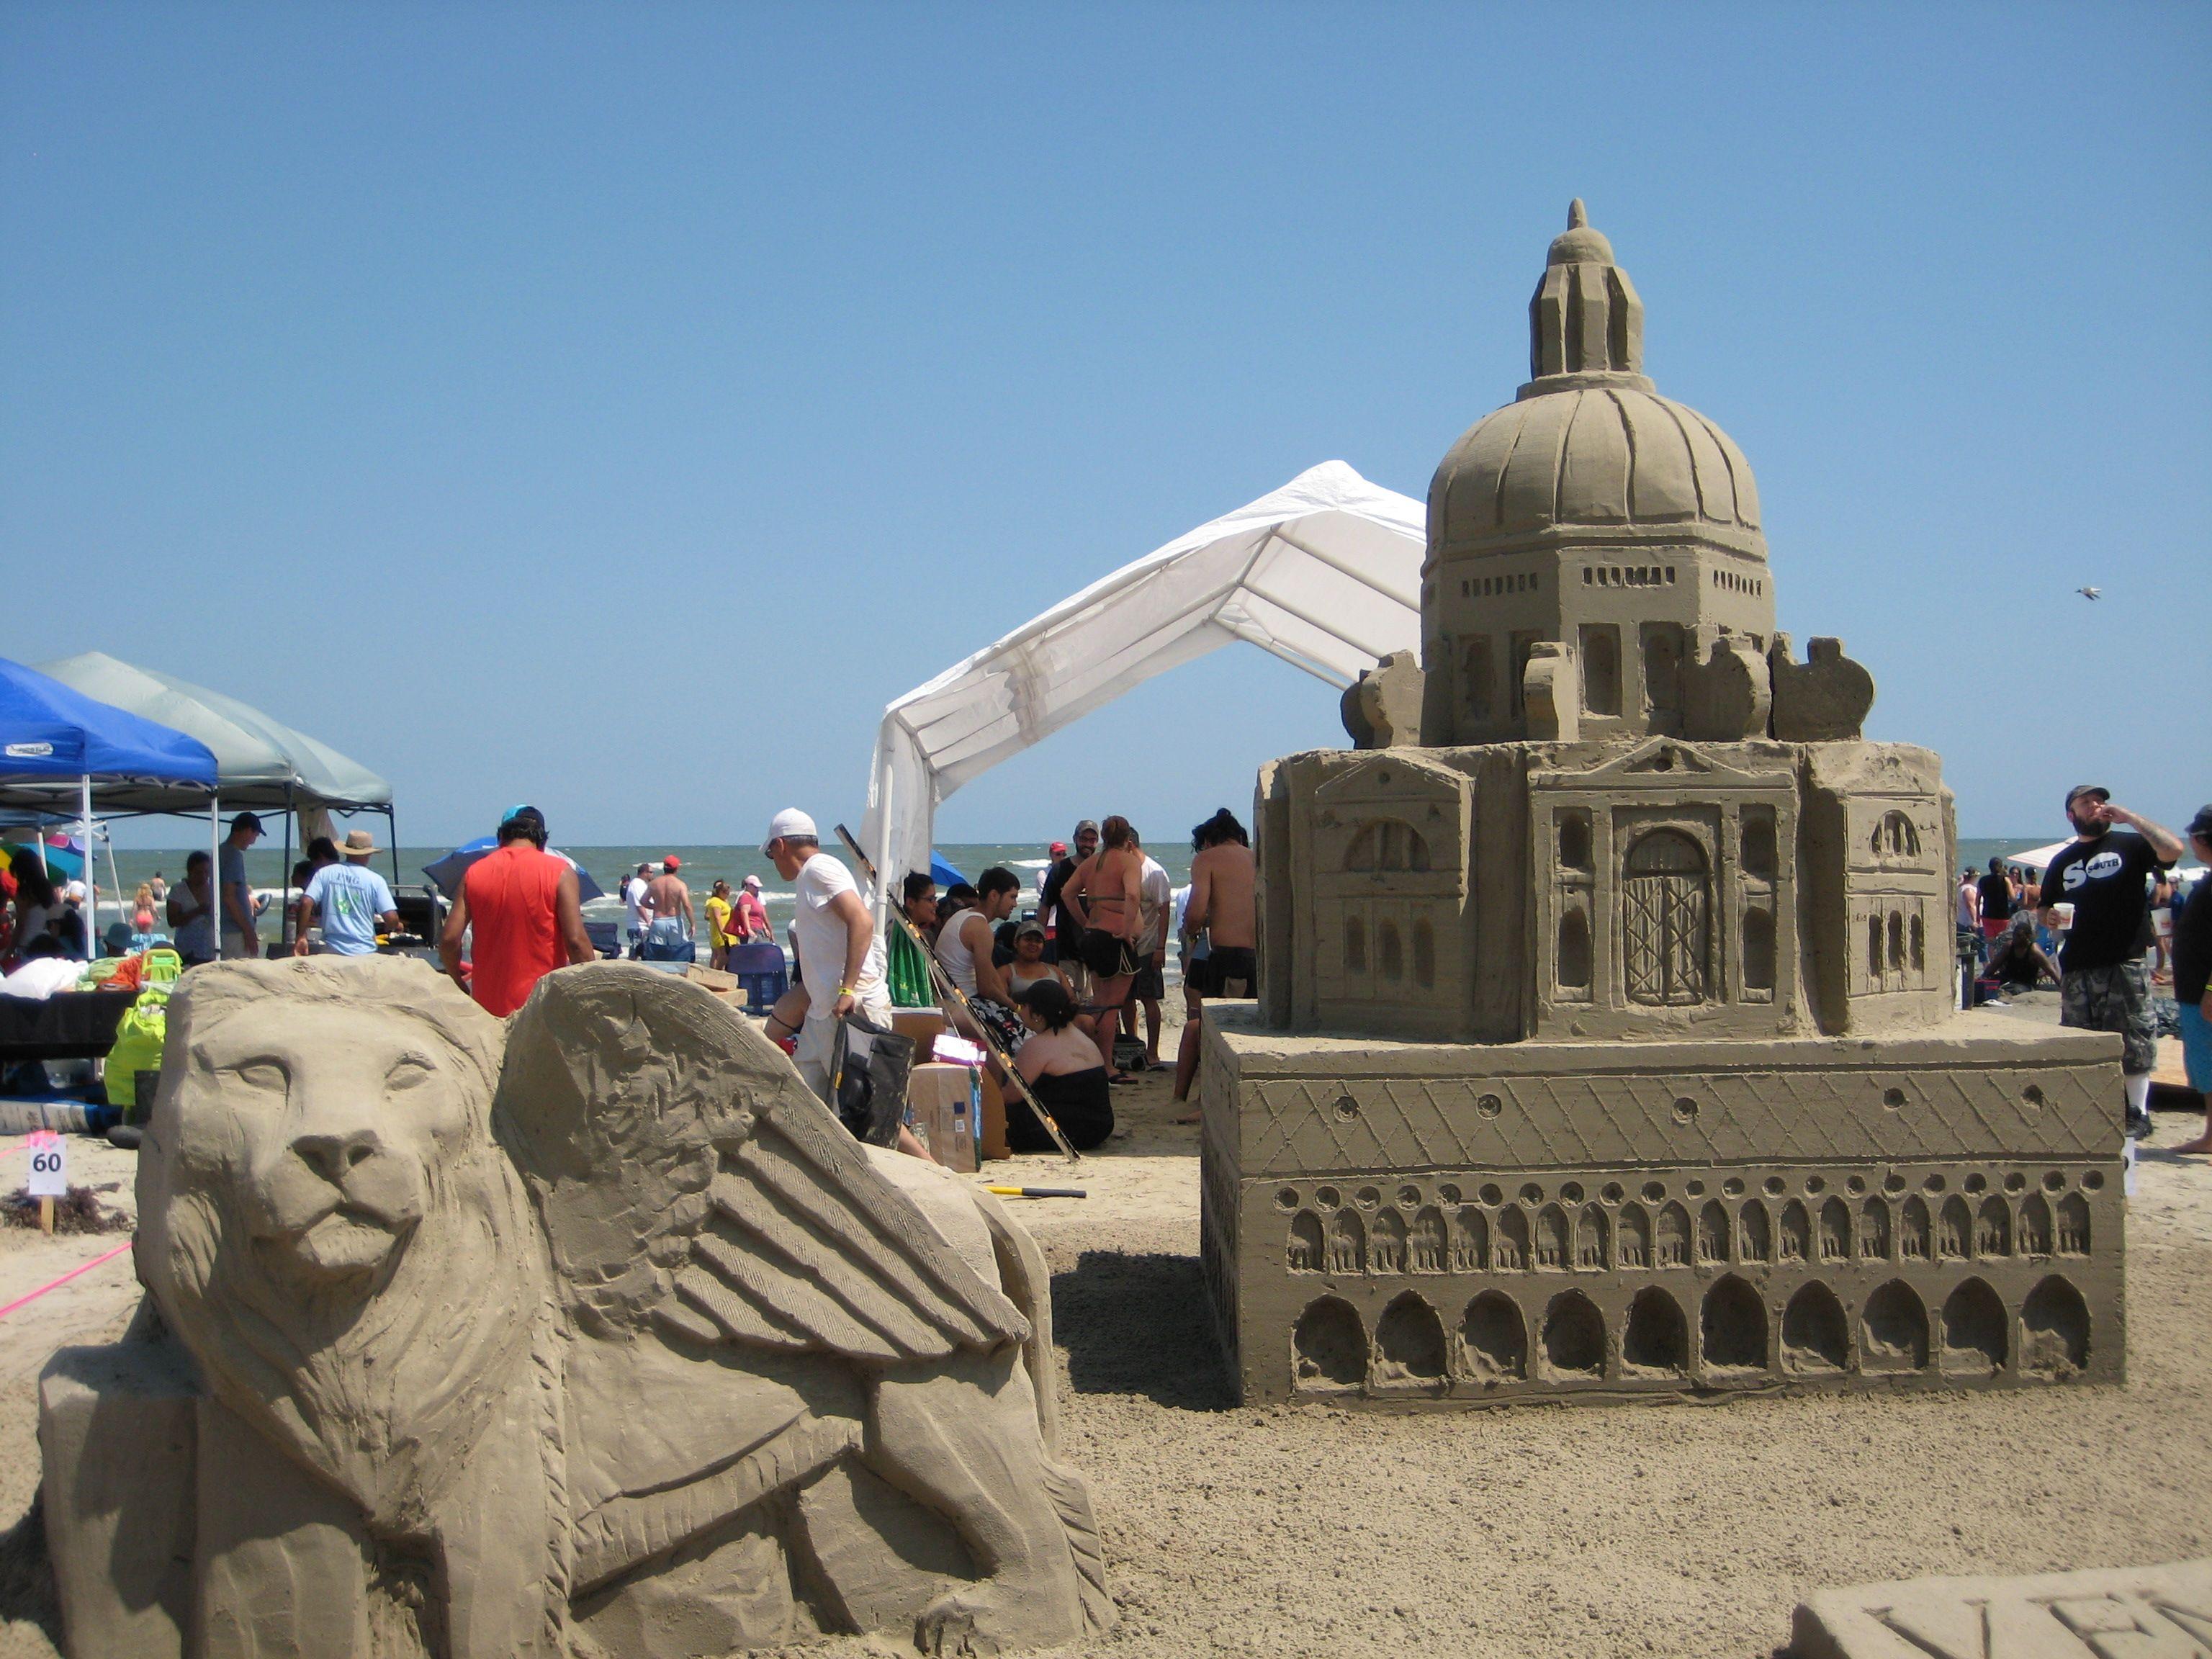 Galveston Aia Sandcastle Competition Sand Castle Galveston Sand Sculptures